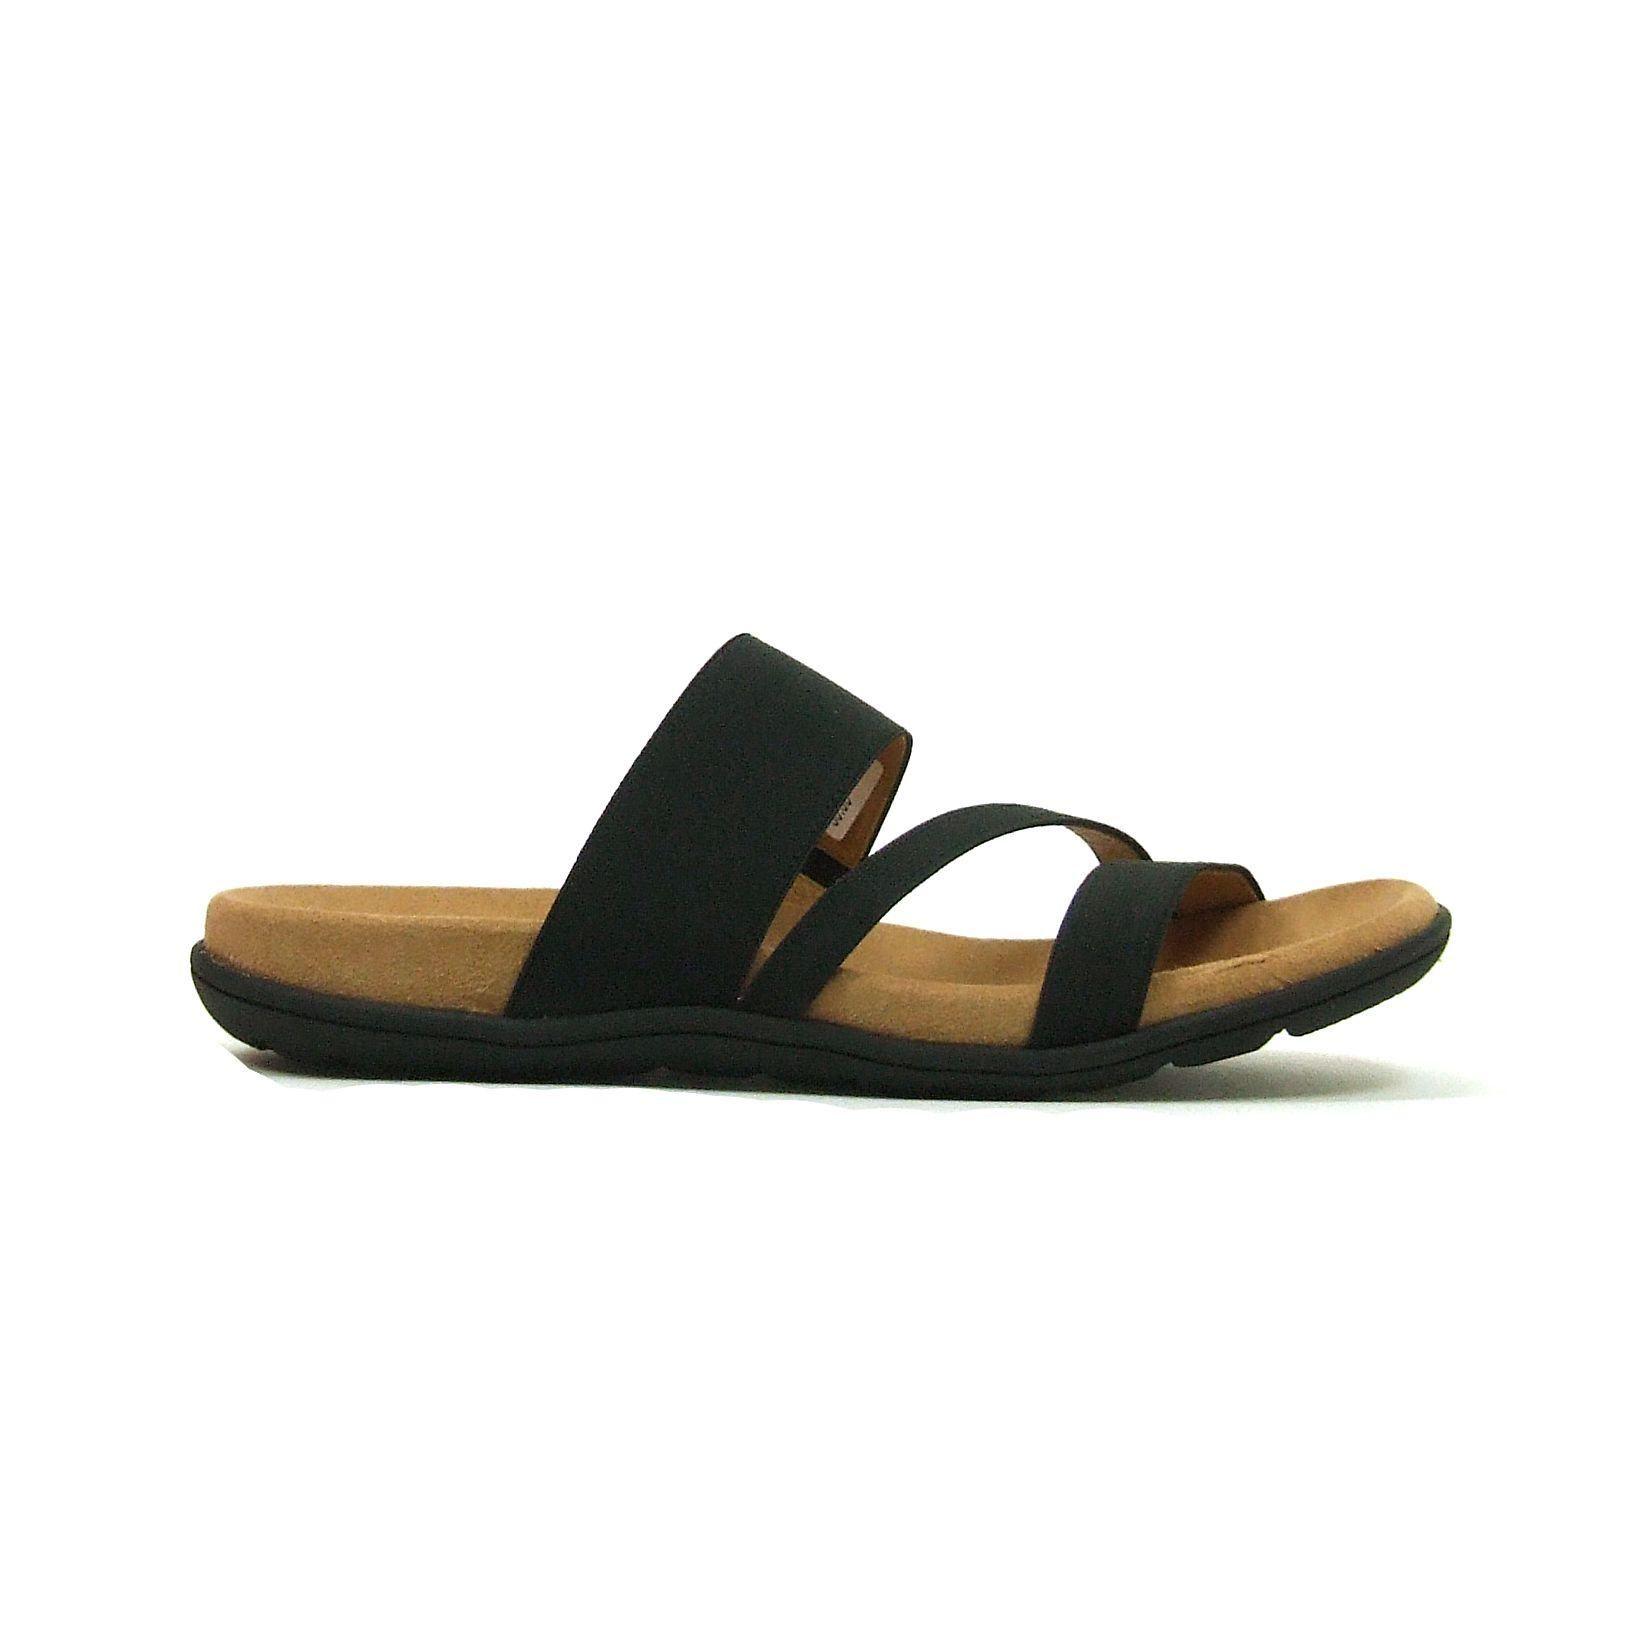 Fonkelnieuw Comfortabele sandalen van Gabor,model 83.762! Deze sandalen hebben TN-44